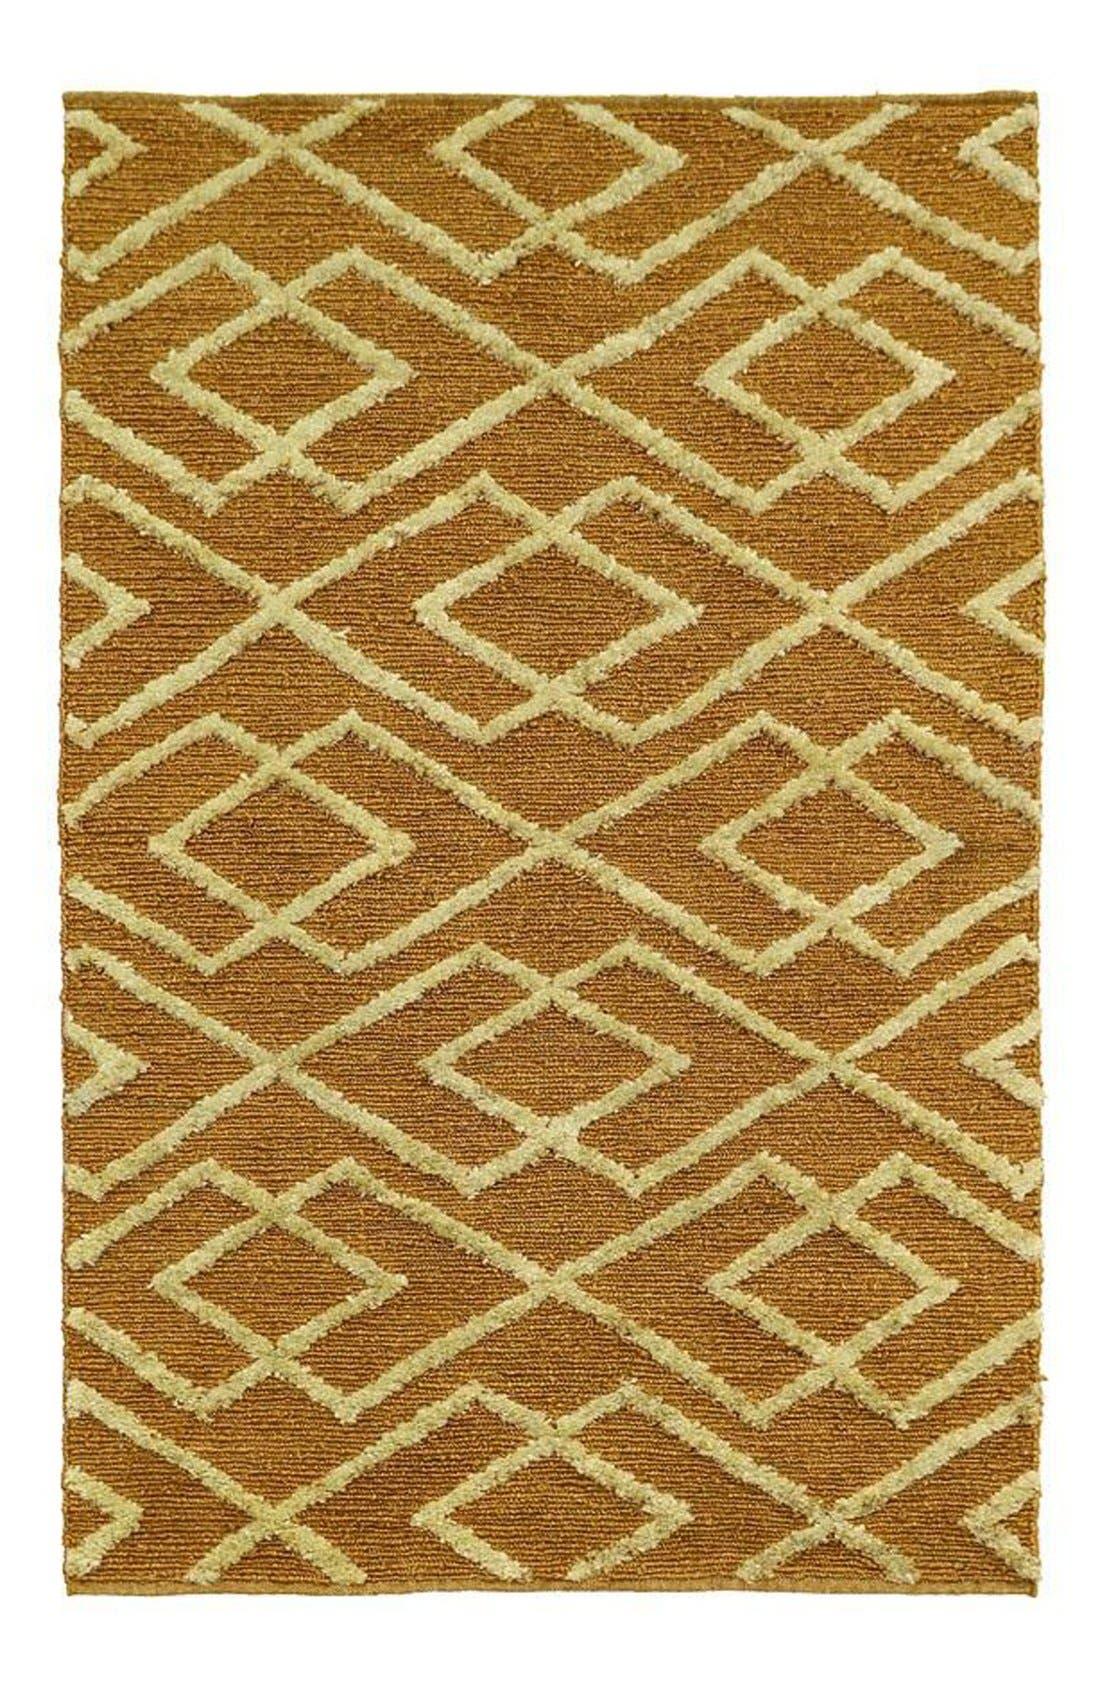 Alternate Image 1 Selected - Villa Home Collection Soumak Aura Handwoven Rug